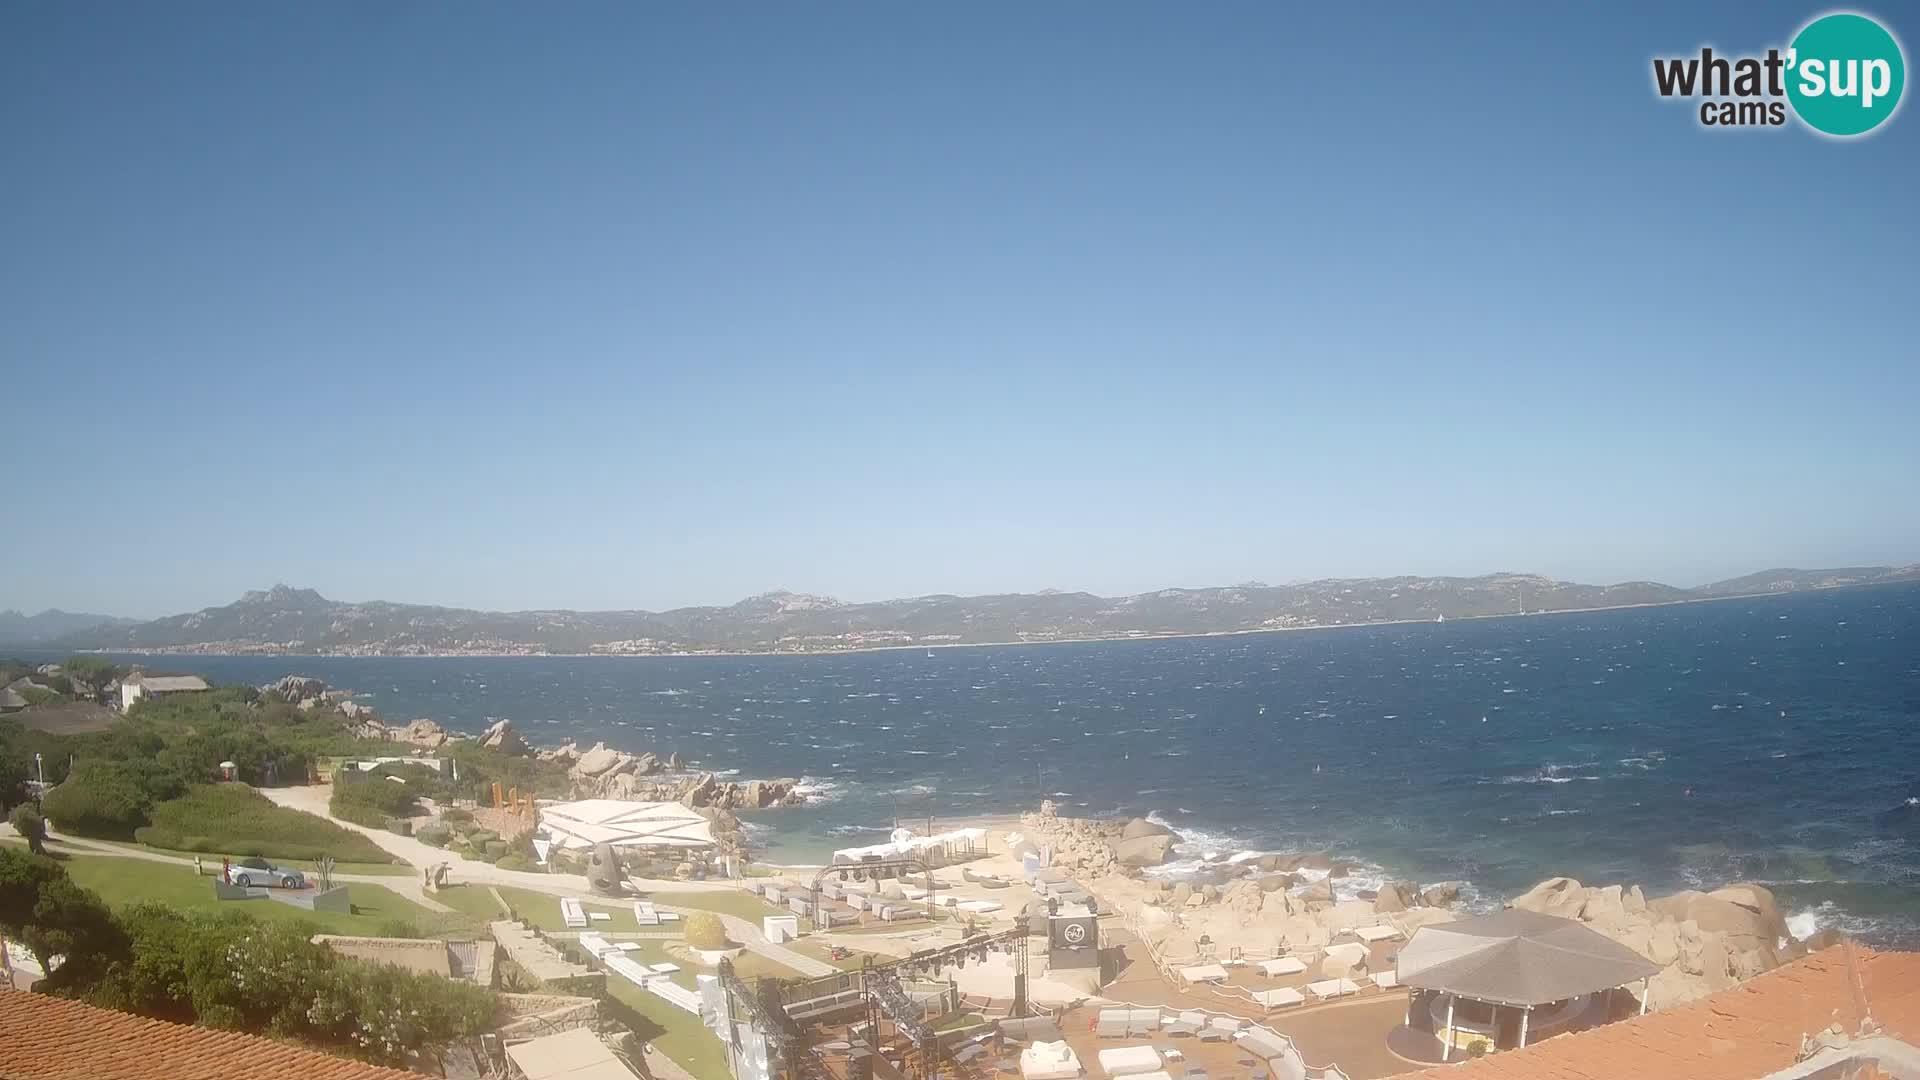 Live webcam Phi Beach – Forte Cappellini livecam Porto Cervo – Arzachena – Sardinia